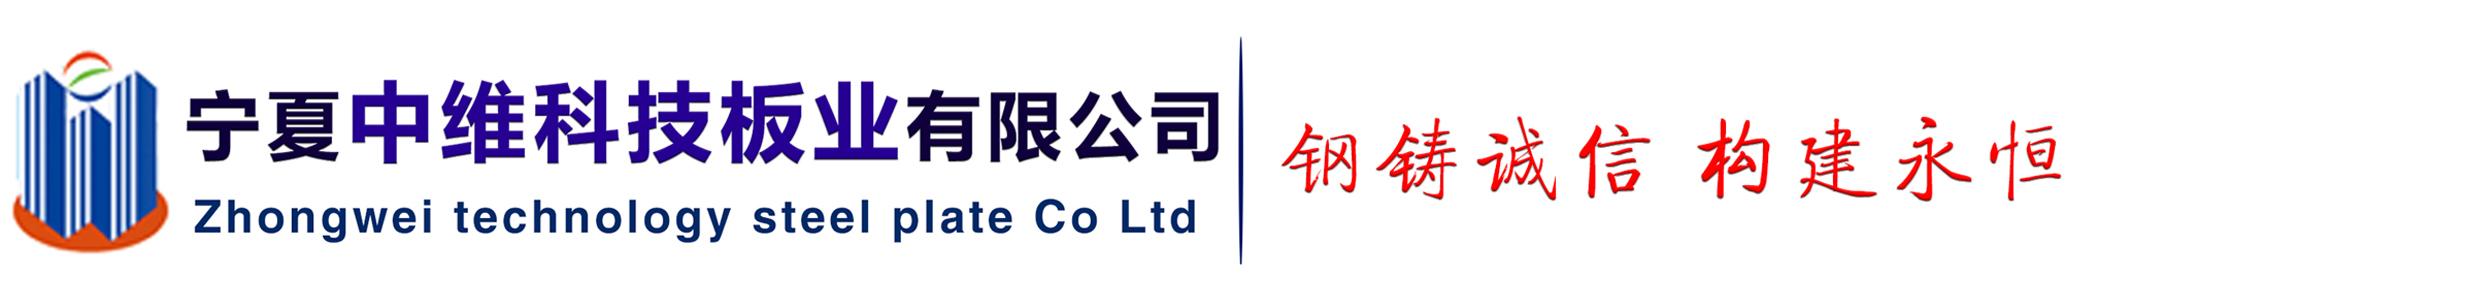 寧夏中維科技板業有限公司